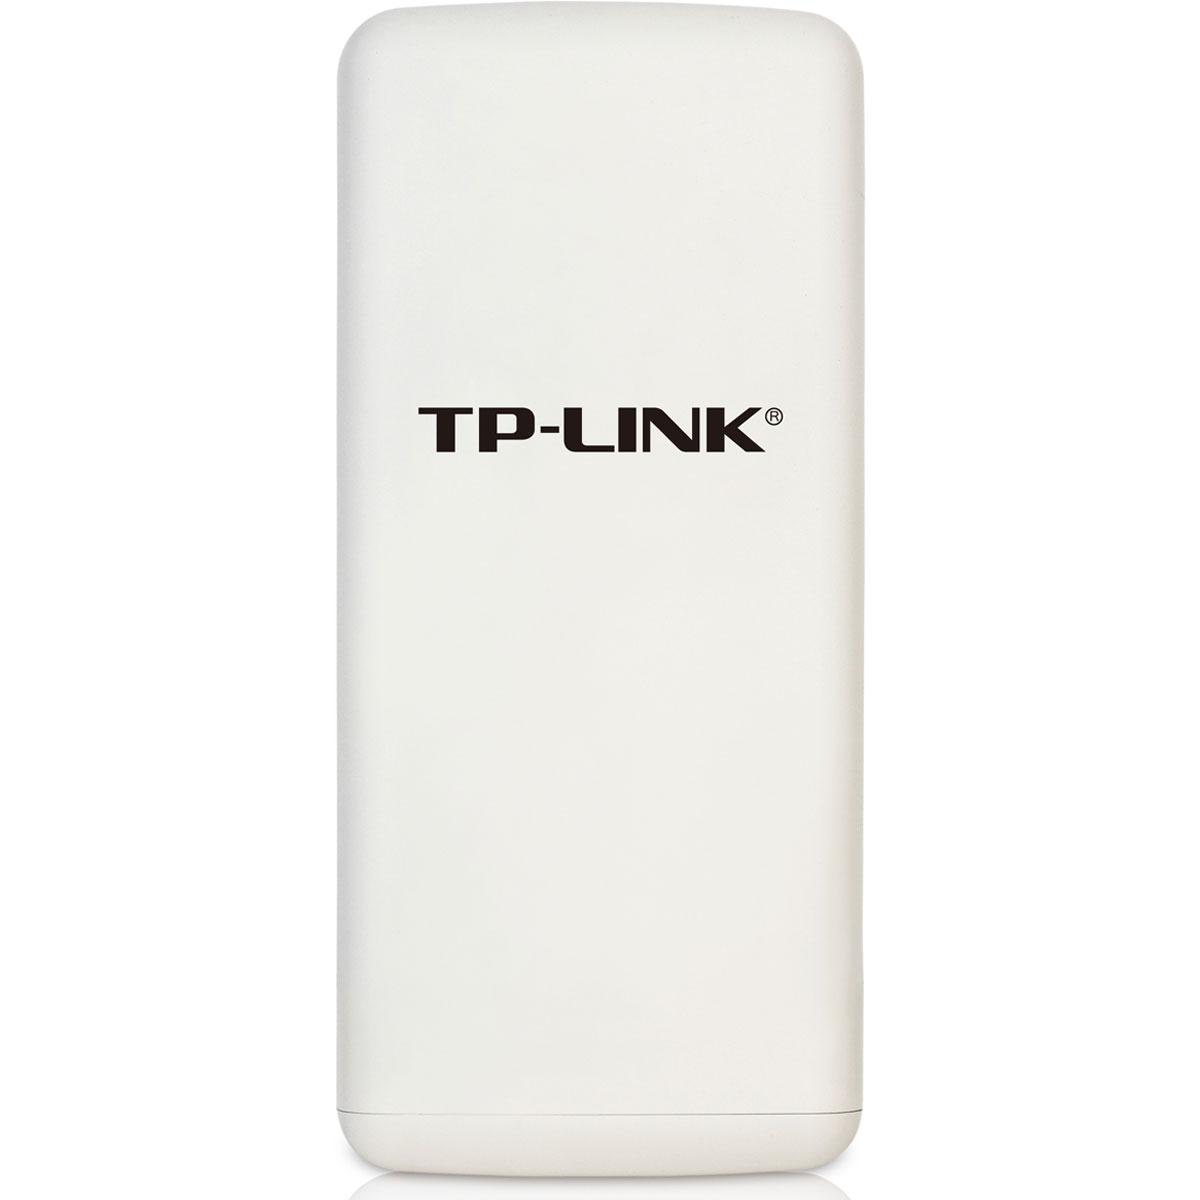 Point d'accès WiFi TP-LINK TL-WA7210N Point d'accès extérieur Wi-Fi N 150Mbps à forte puissance 2.4GHz